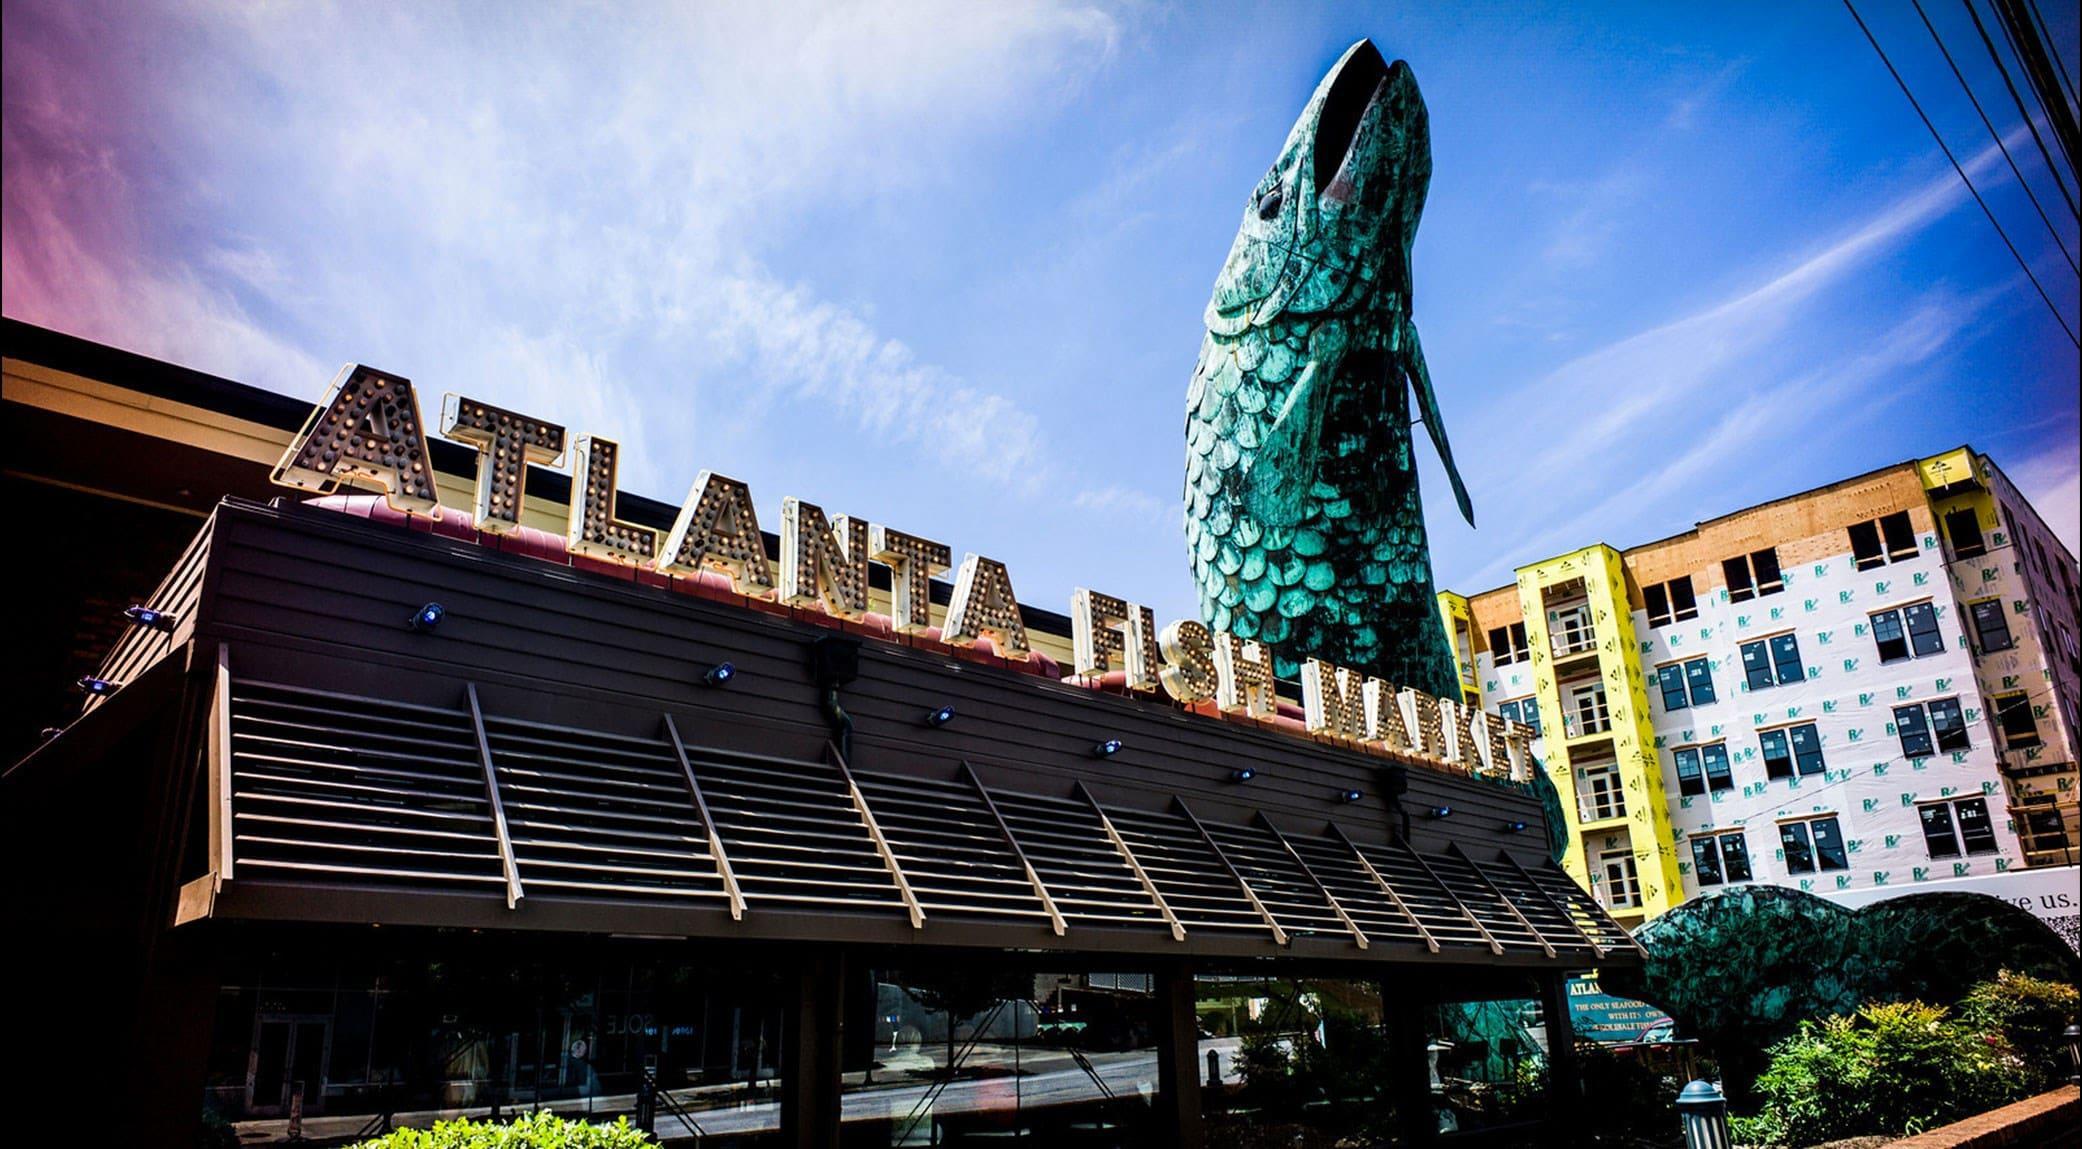 original_011-atlanta-fish-market-finedininglovers.jpg